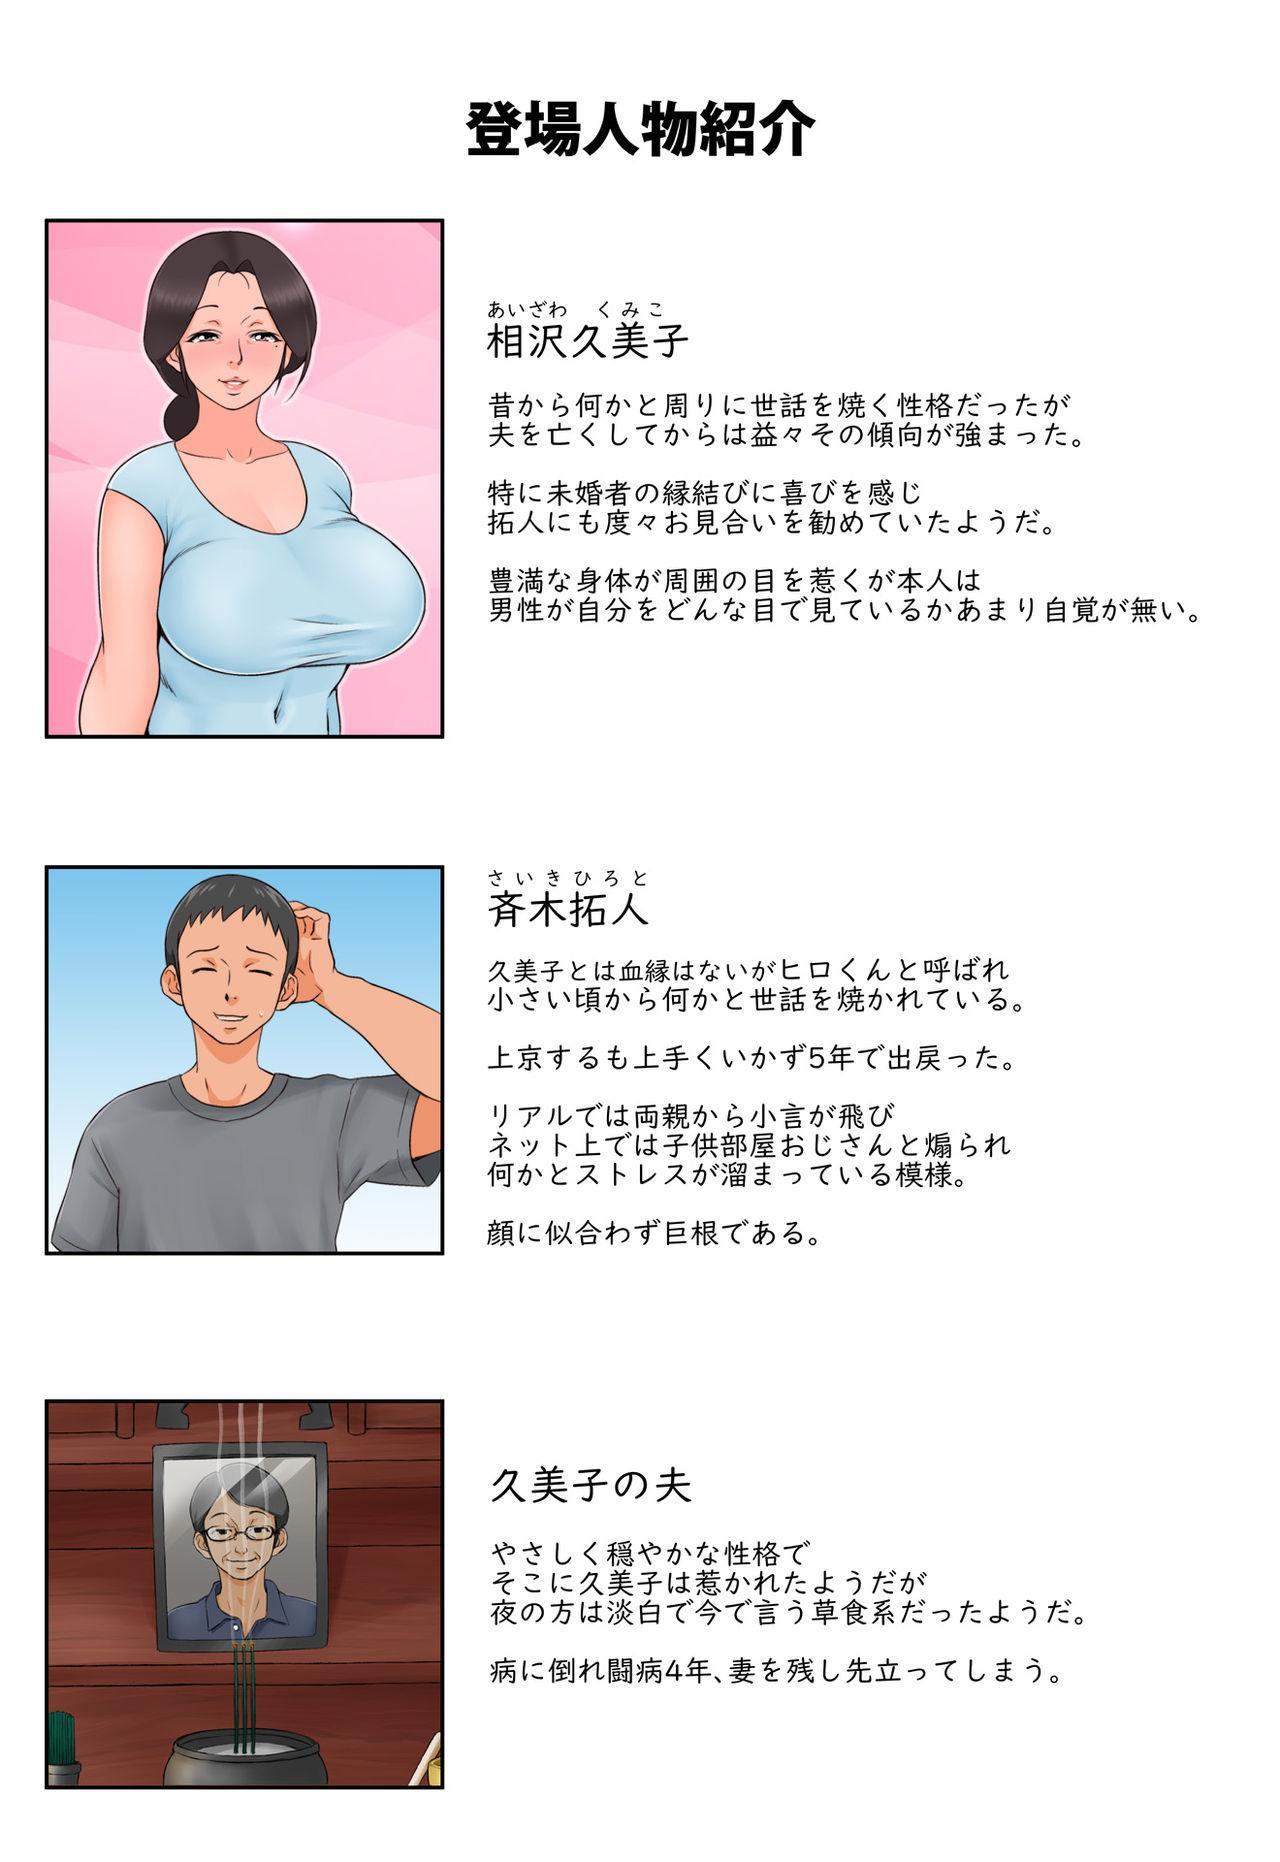 Chiisai koro kara Osewa ni natte iru Kinjo no Oba-san o Otoshite Tanetsuke! 1